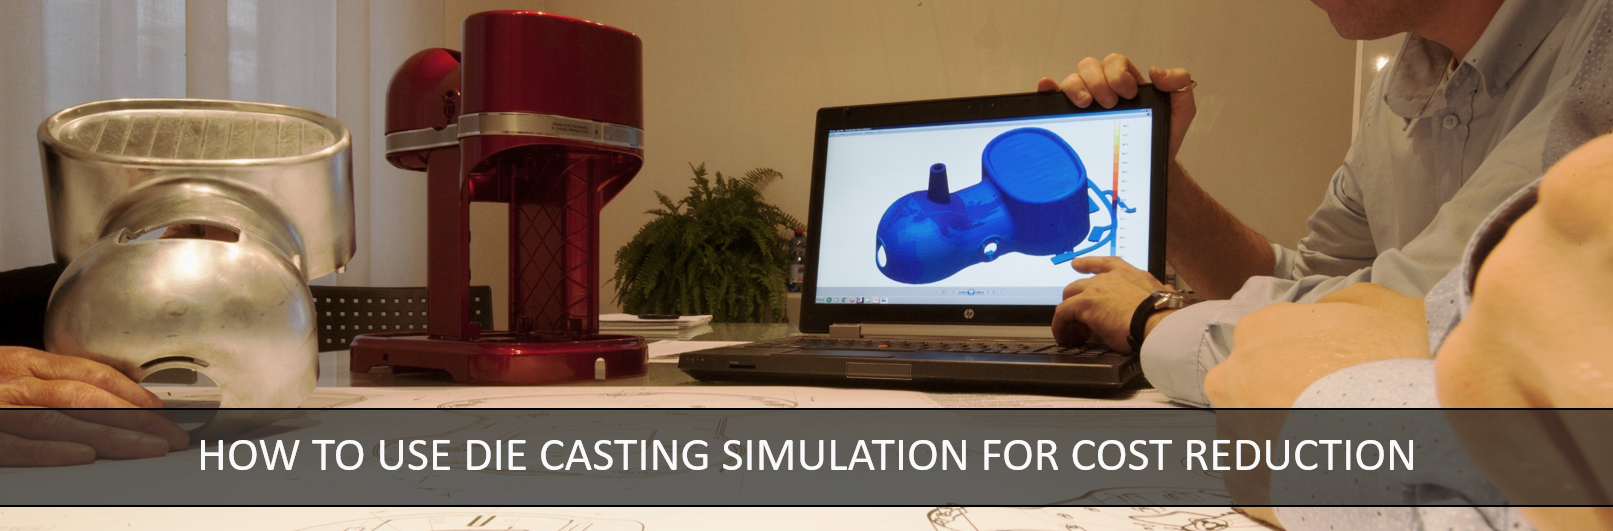 Simulation Die Casting